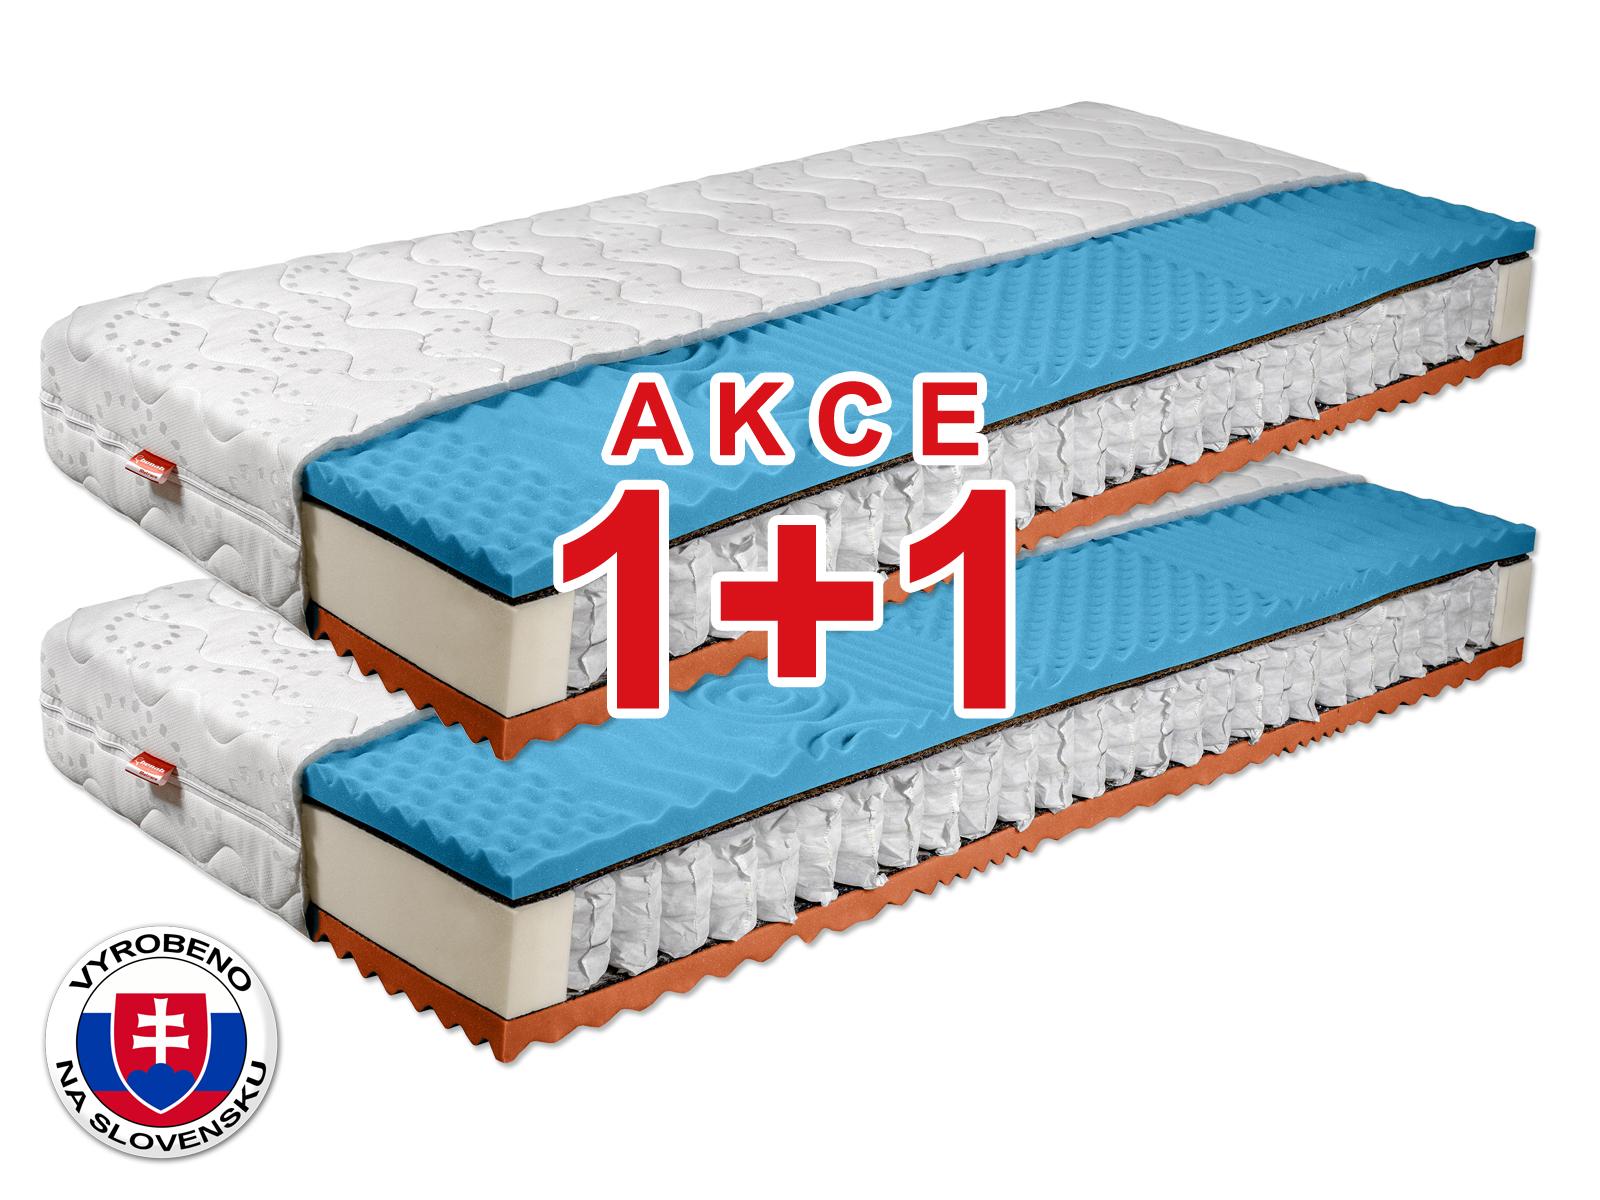 Taštičková matrace - Benab - Fyzio Plus 2.0 - 200x90 cm (T3/T4) *AKCE 1+1. Akce 1+1: certifikovaná ortopedická a antialergický oboustranná matrace pro maximální pohodlí, s masážními nopky a přírodním kokosovým vláknem.